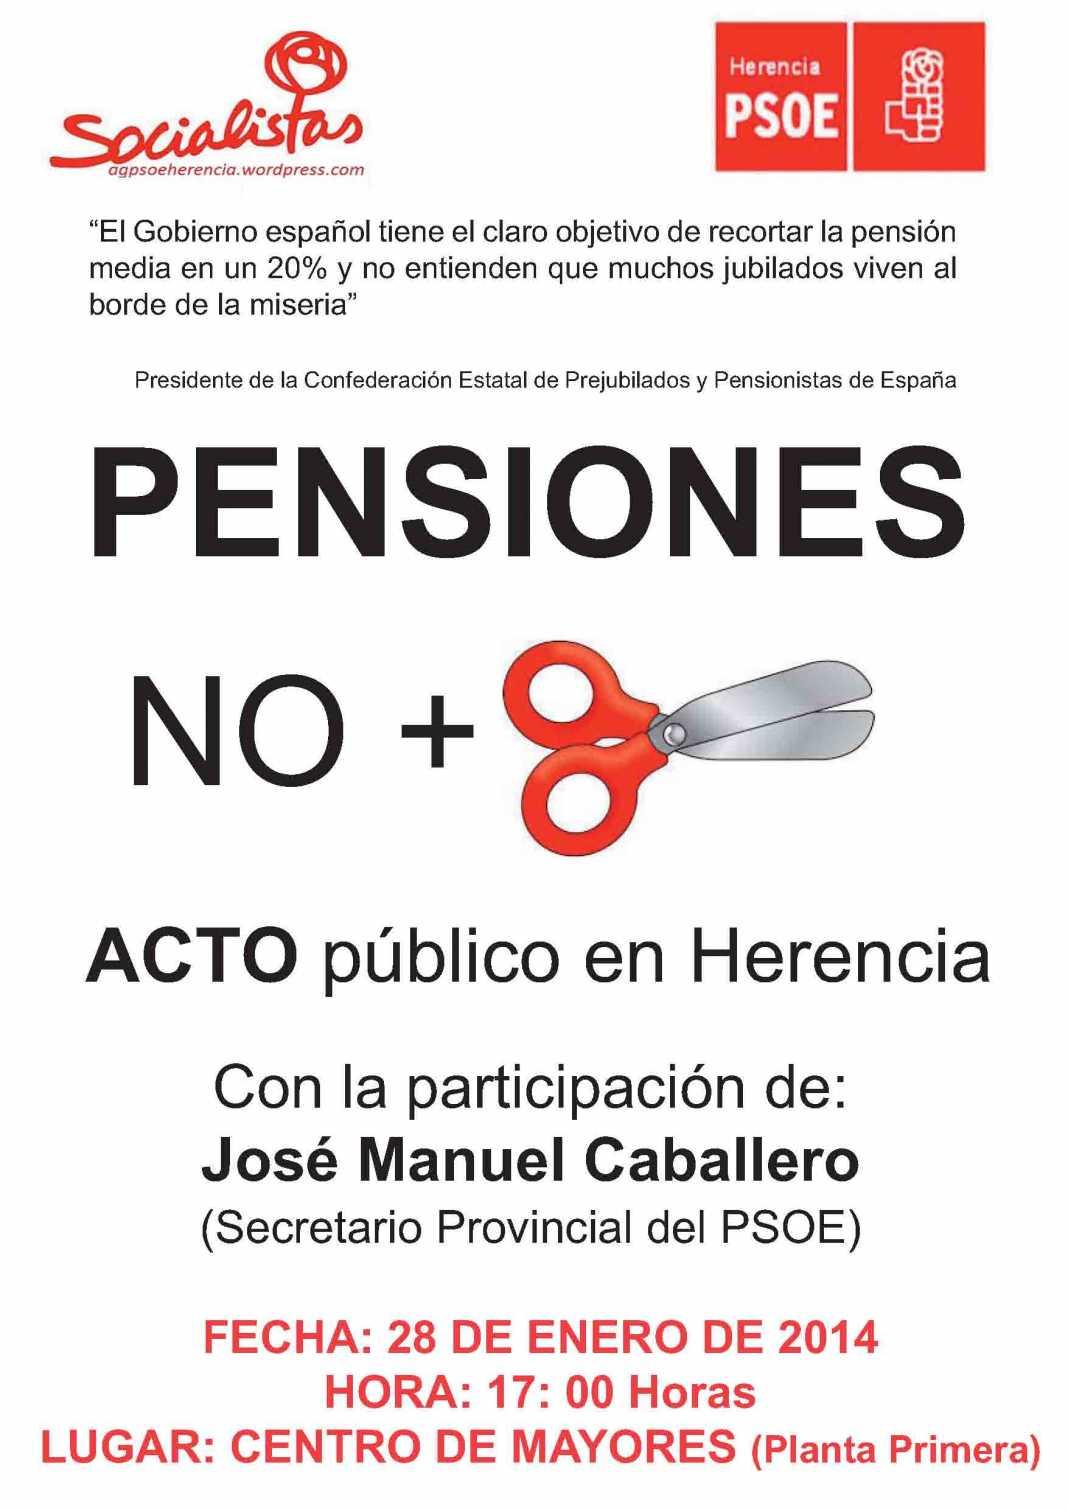 acto pensiones 2014 pensiones Herencia 1068x1510 - La agrupación socialista organiza un acto informativo sobre pensiones